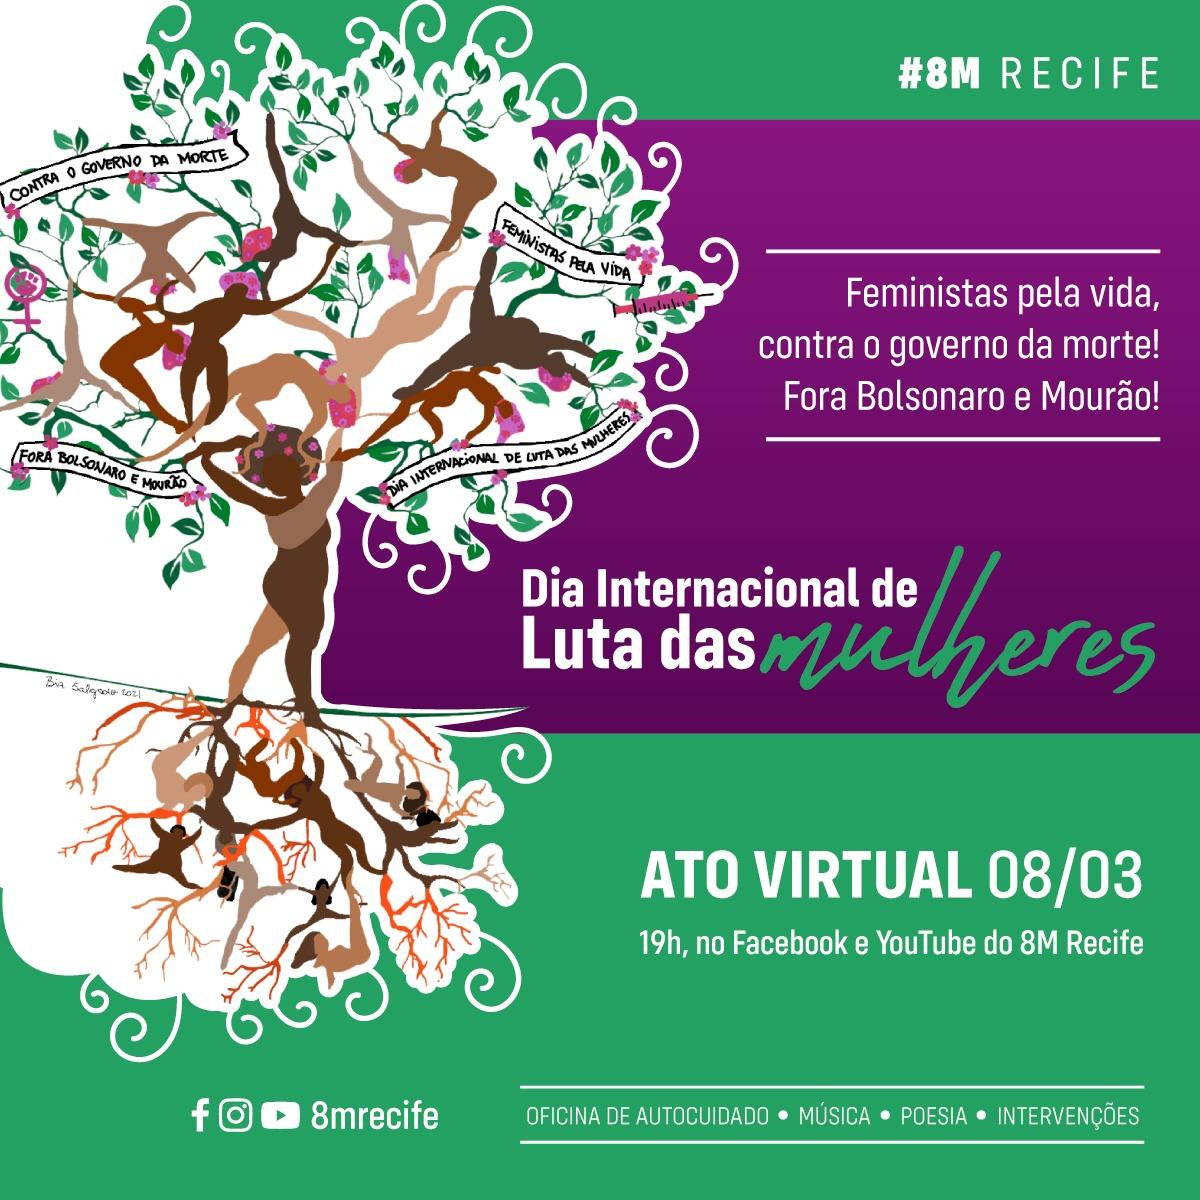 Feministas na Região Metropolitana do Recife organizam live em comemoração ao Dia Internacional de Luta das Mulheres